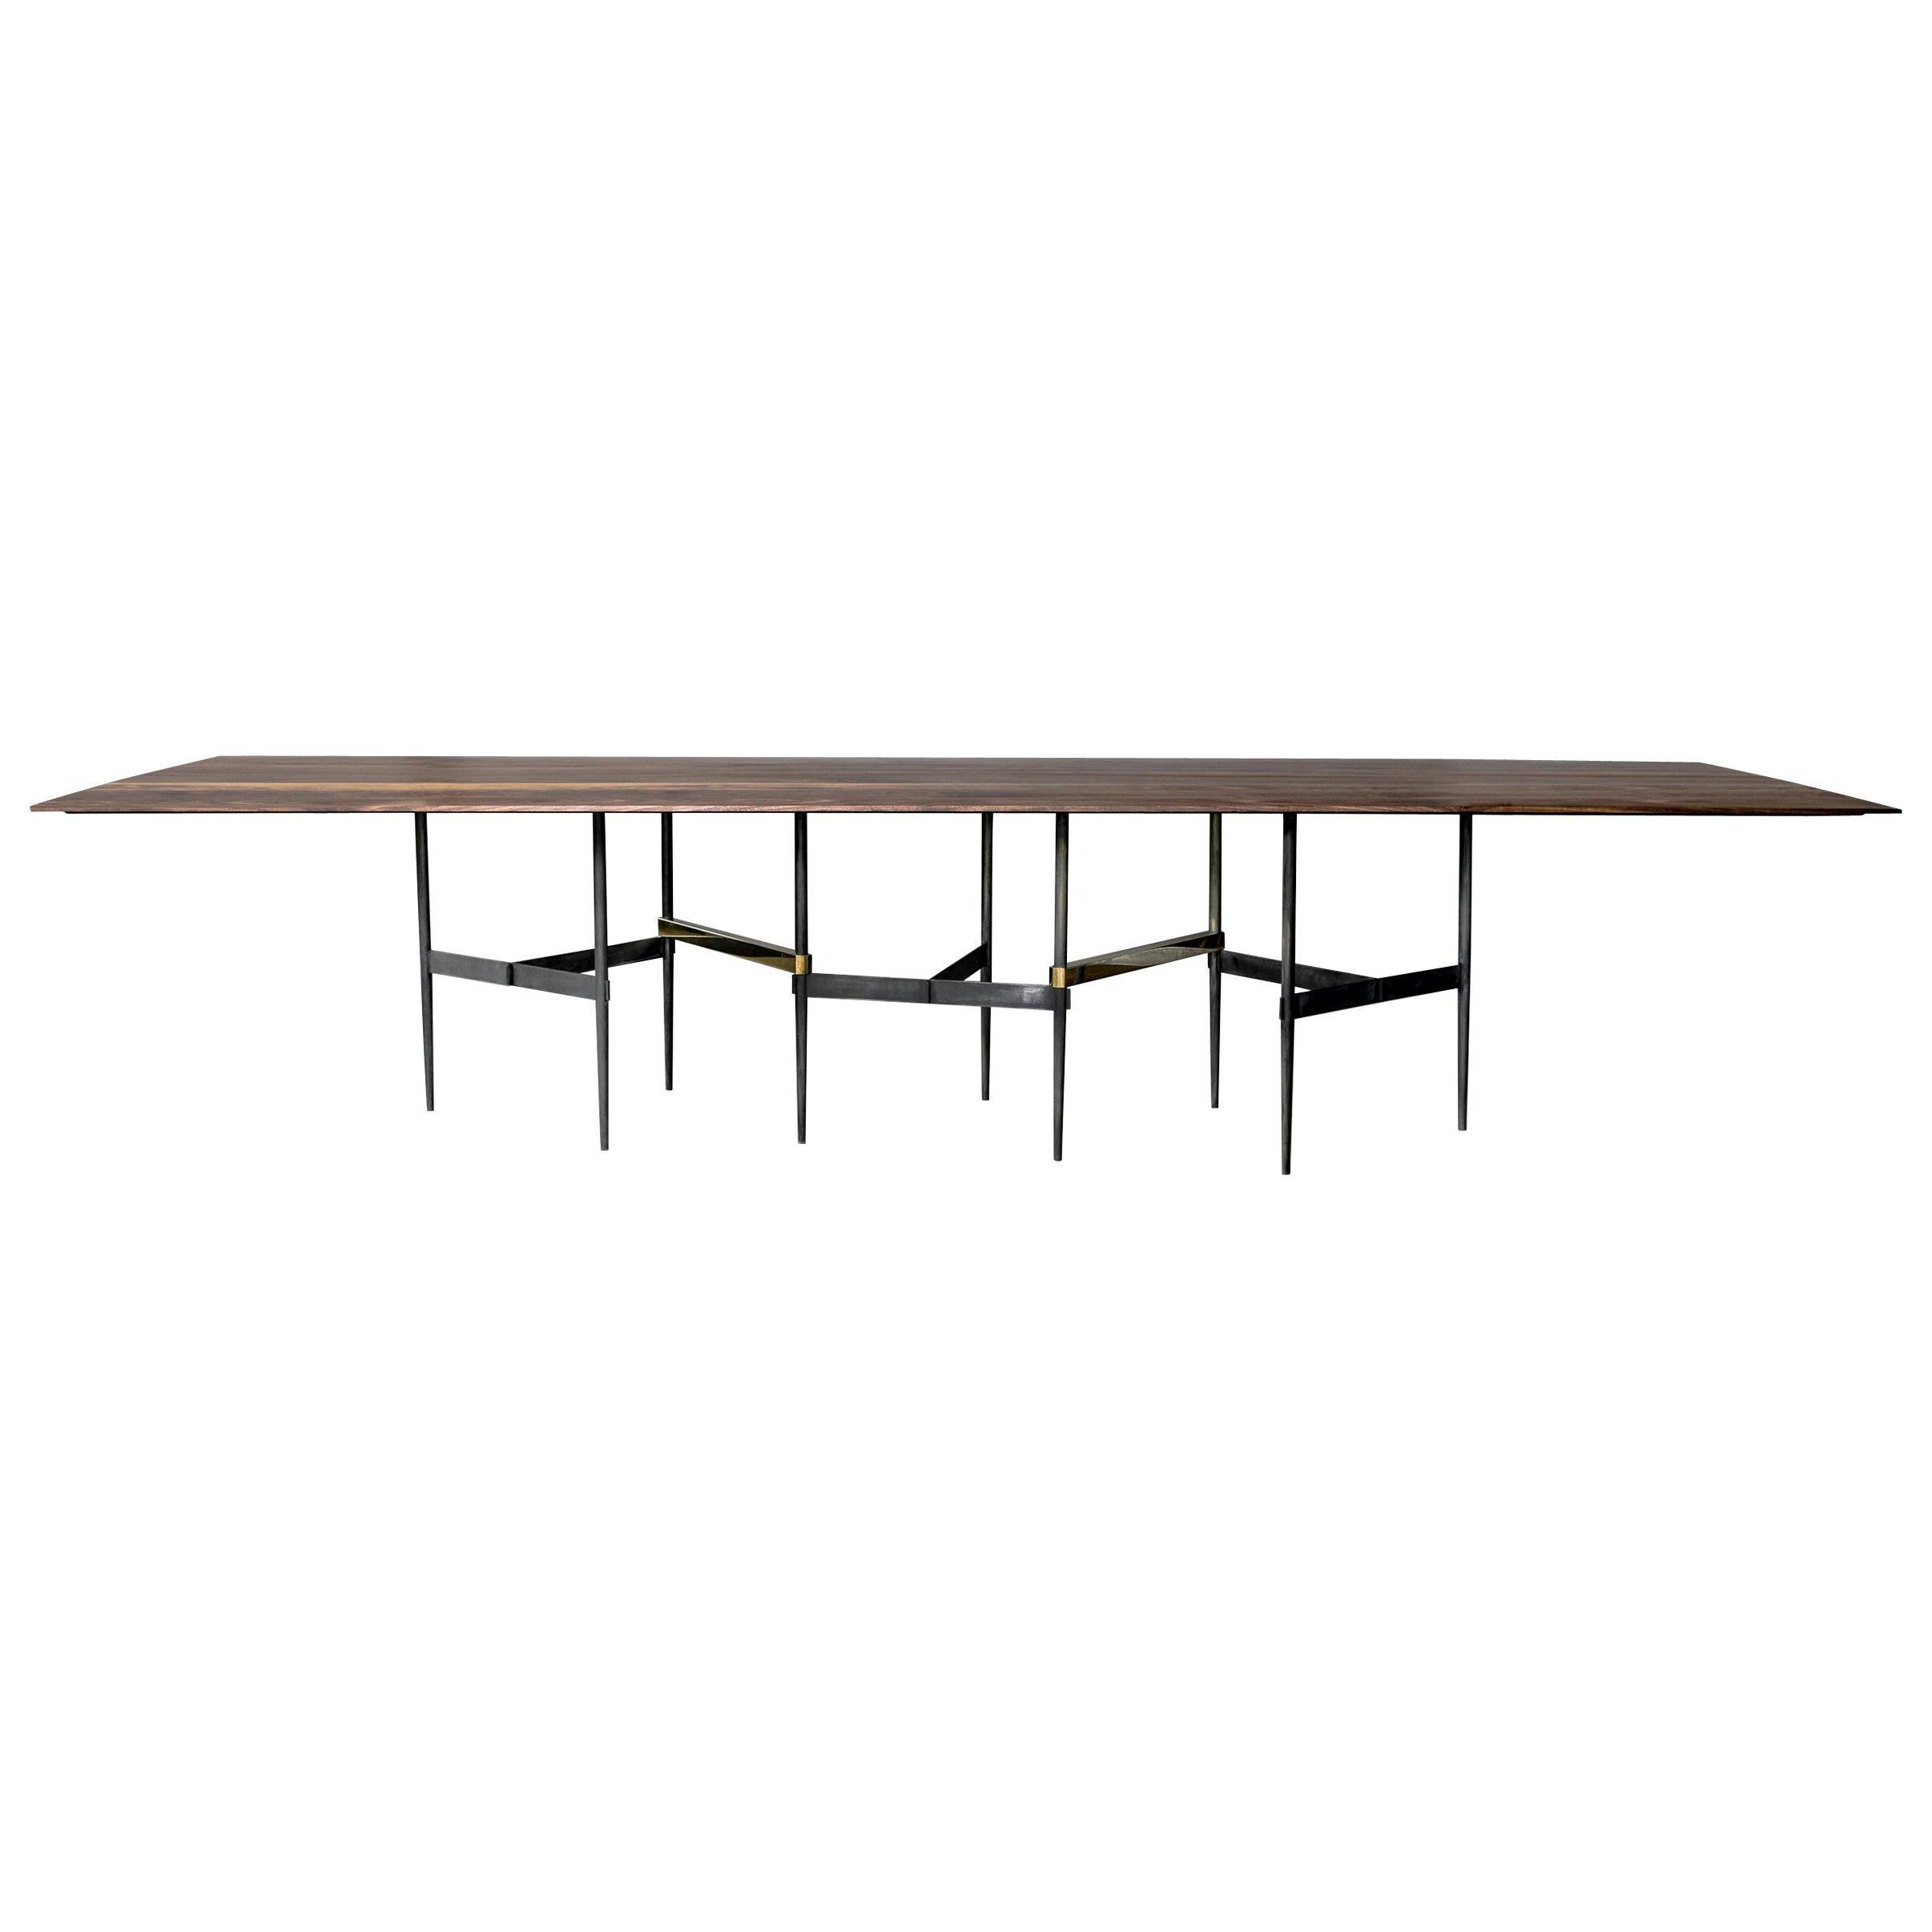 Zig Zag Walnut and Brass Table by ATRA